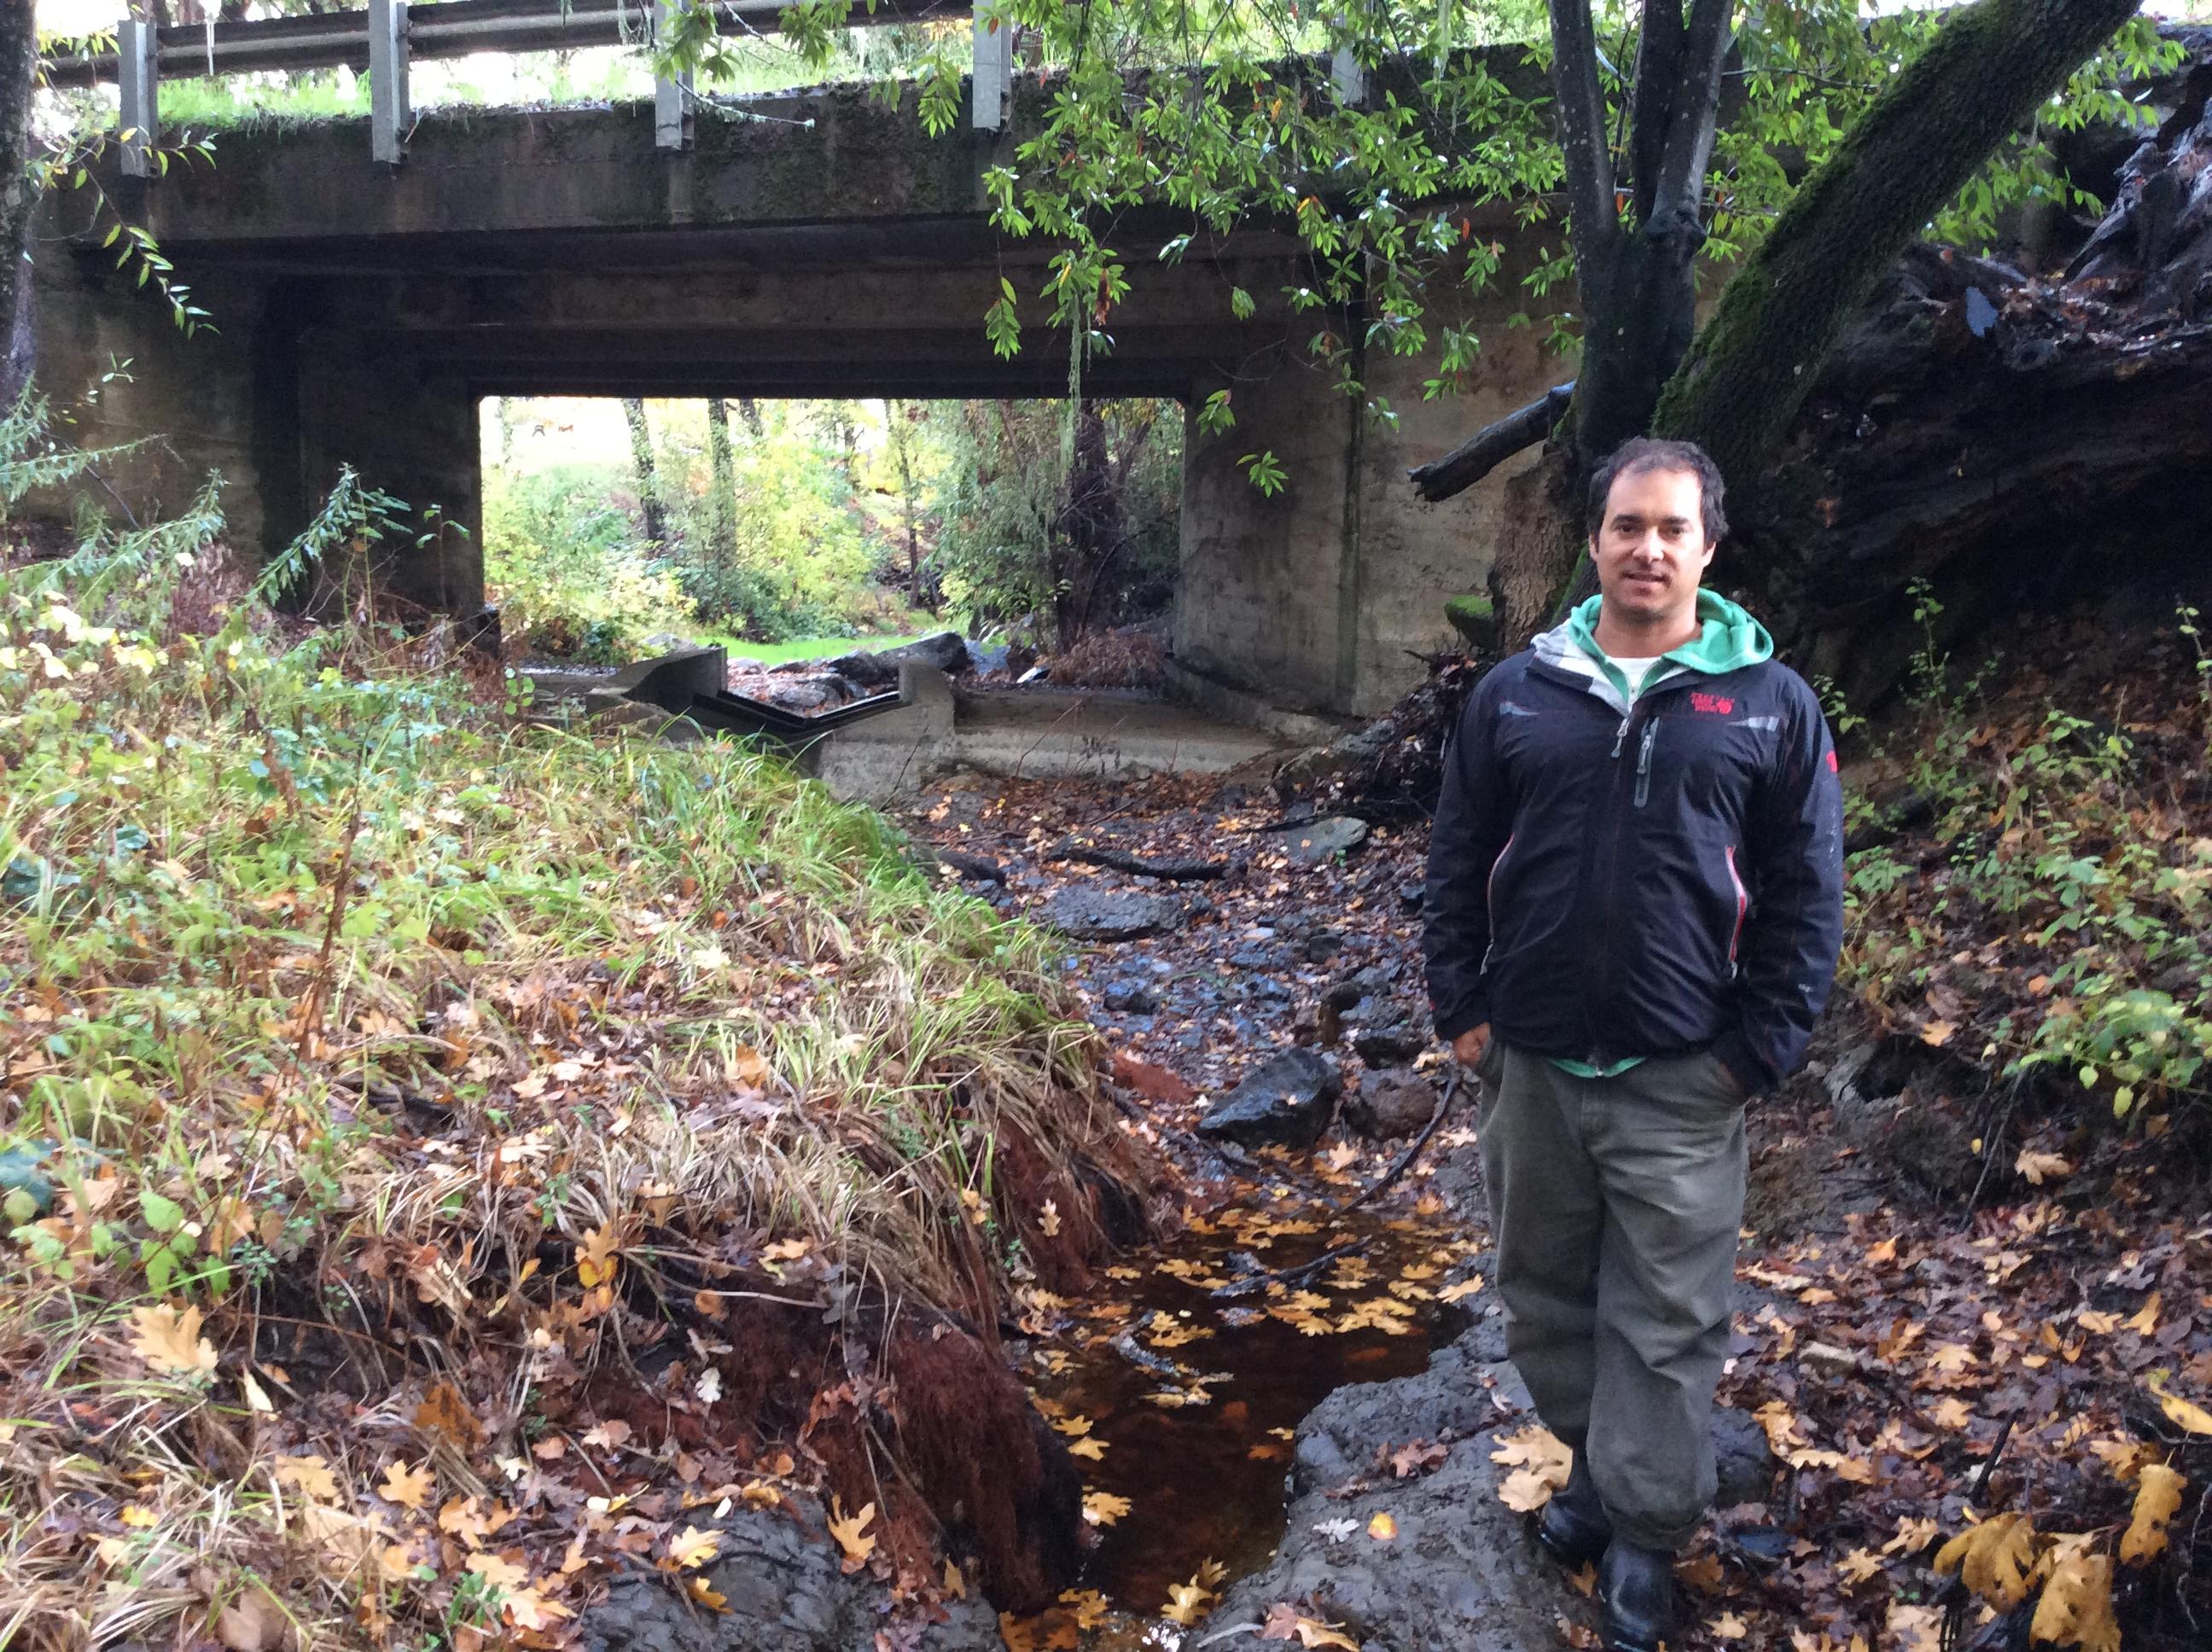 Martorana Family Winery winemaker Gio Martorana standing in the creek he helped restore.